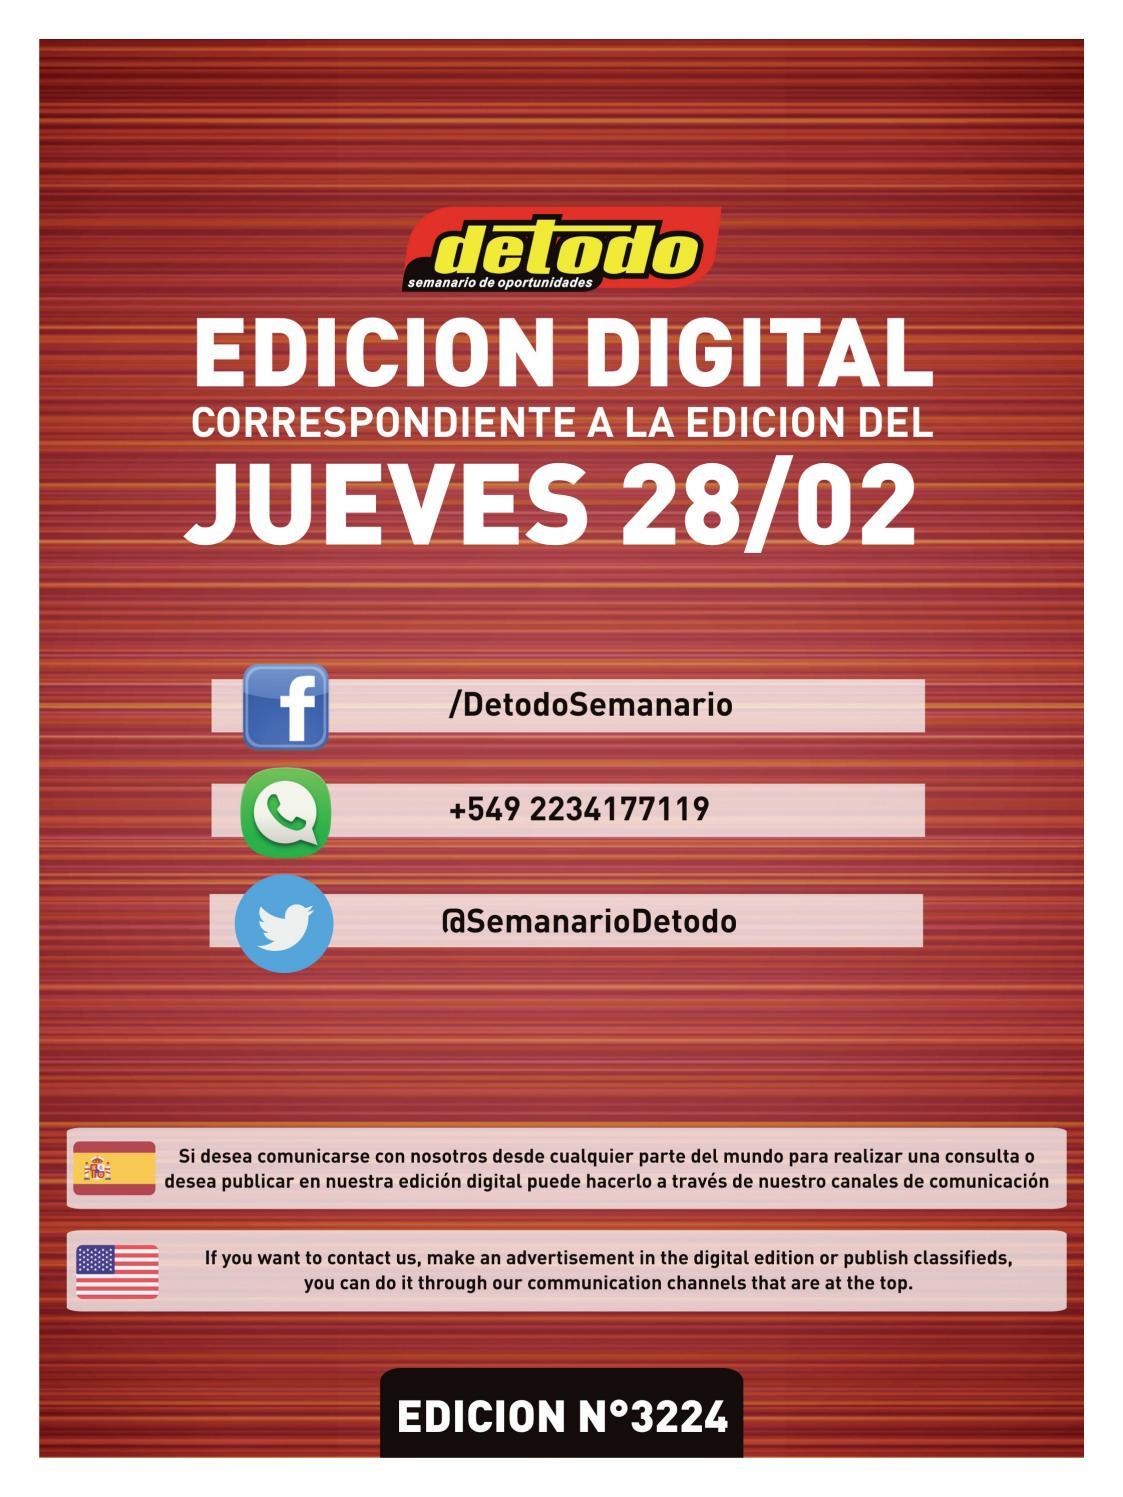 426afac53 Semanario Detodo - Edición N° 3224 - 28 02 2019 by Semanario Detodo - issuu